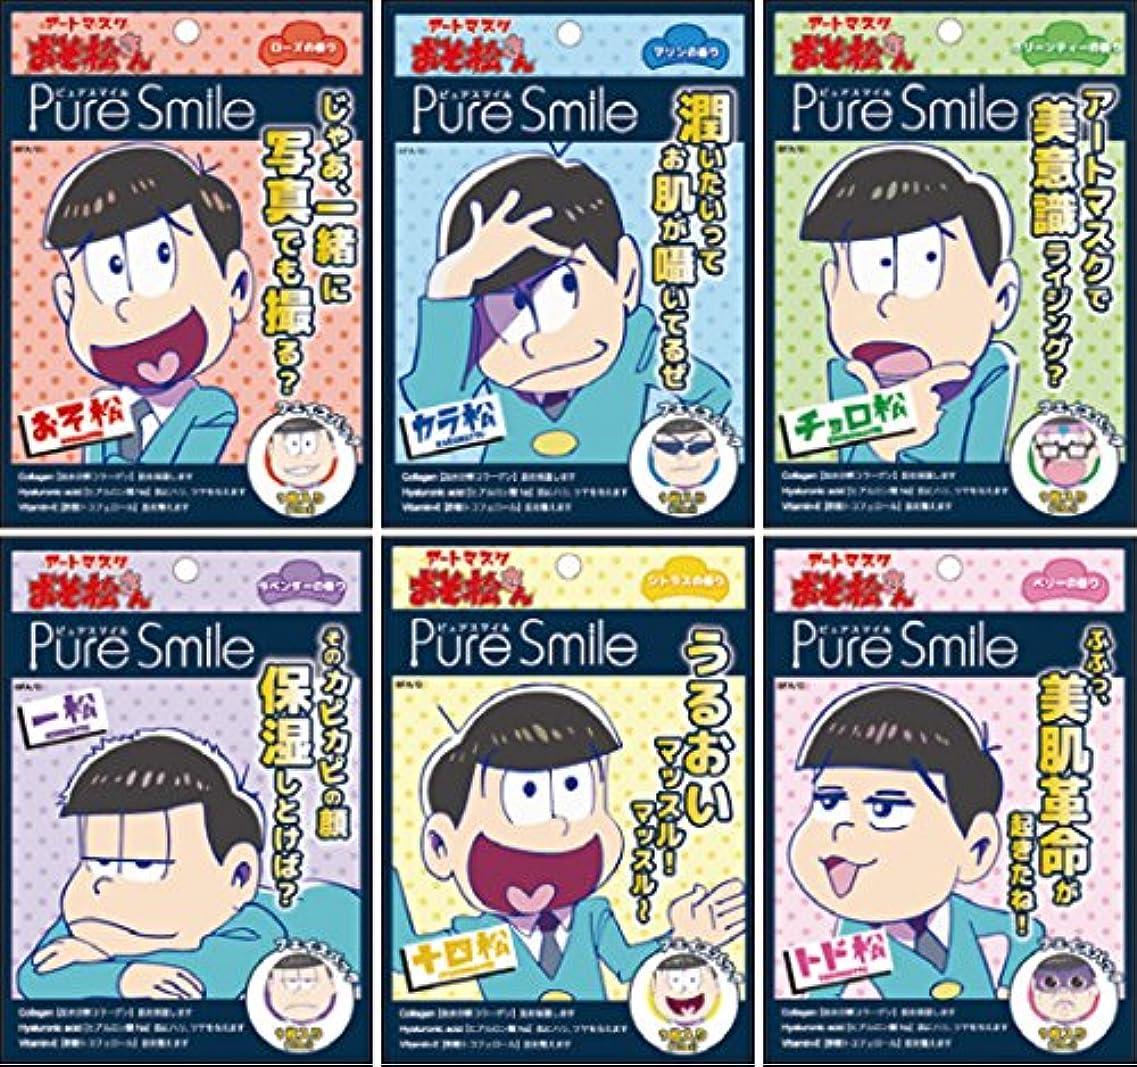 広告する民間バインドピュアスマイル 『おそ松さんアートマスク』(おそ松?カラ松?チョロ松?一松?十四松?トド松)6種類 各1枚 合計6枚アソートセット